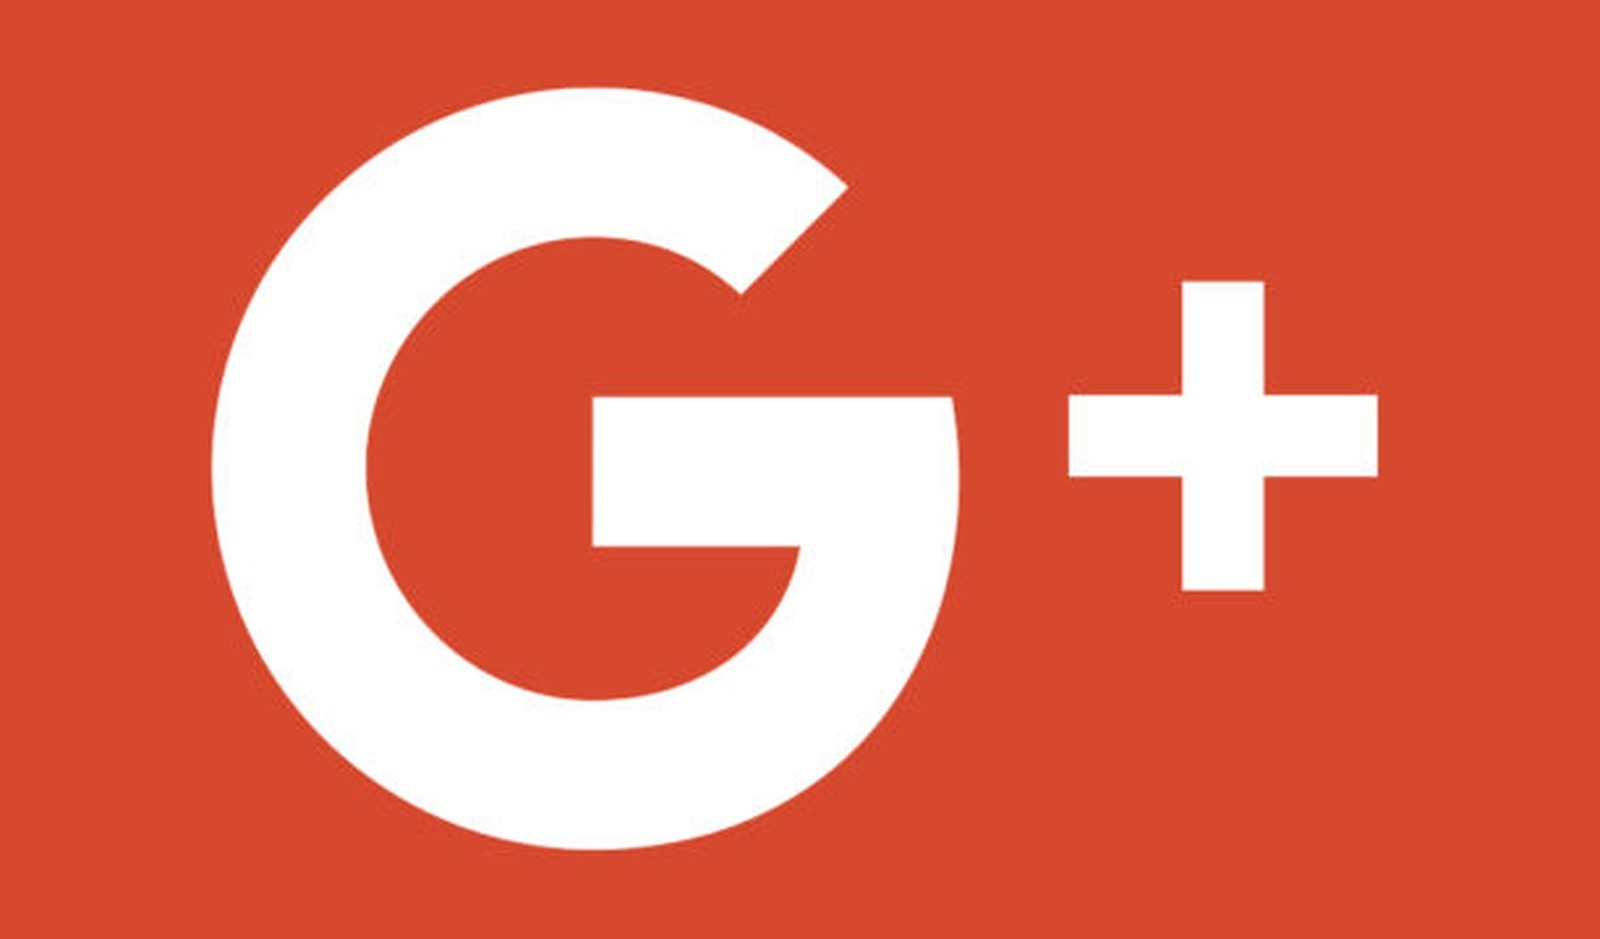 Google+ chega ao fim após vazamentos de dados e baixa popularidade